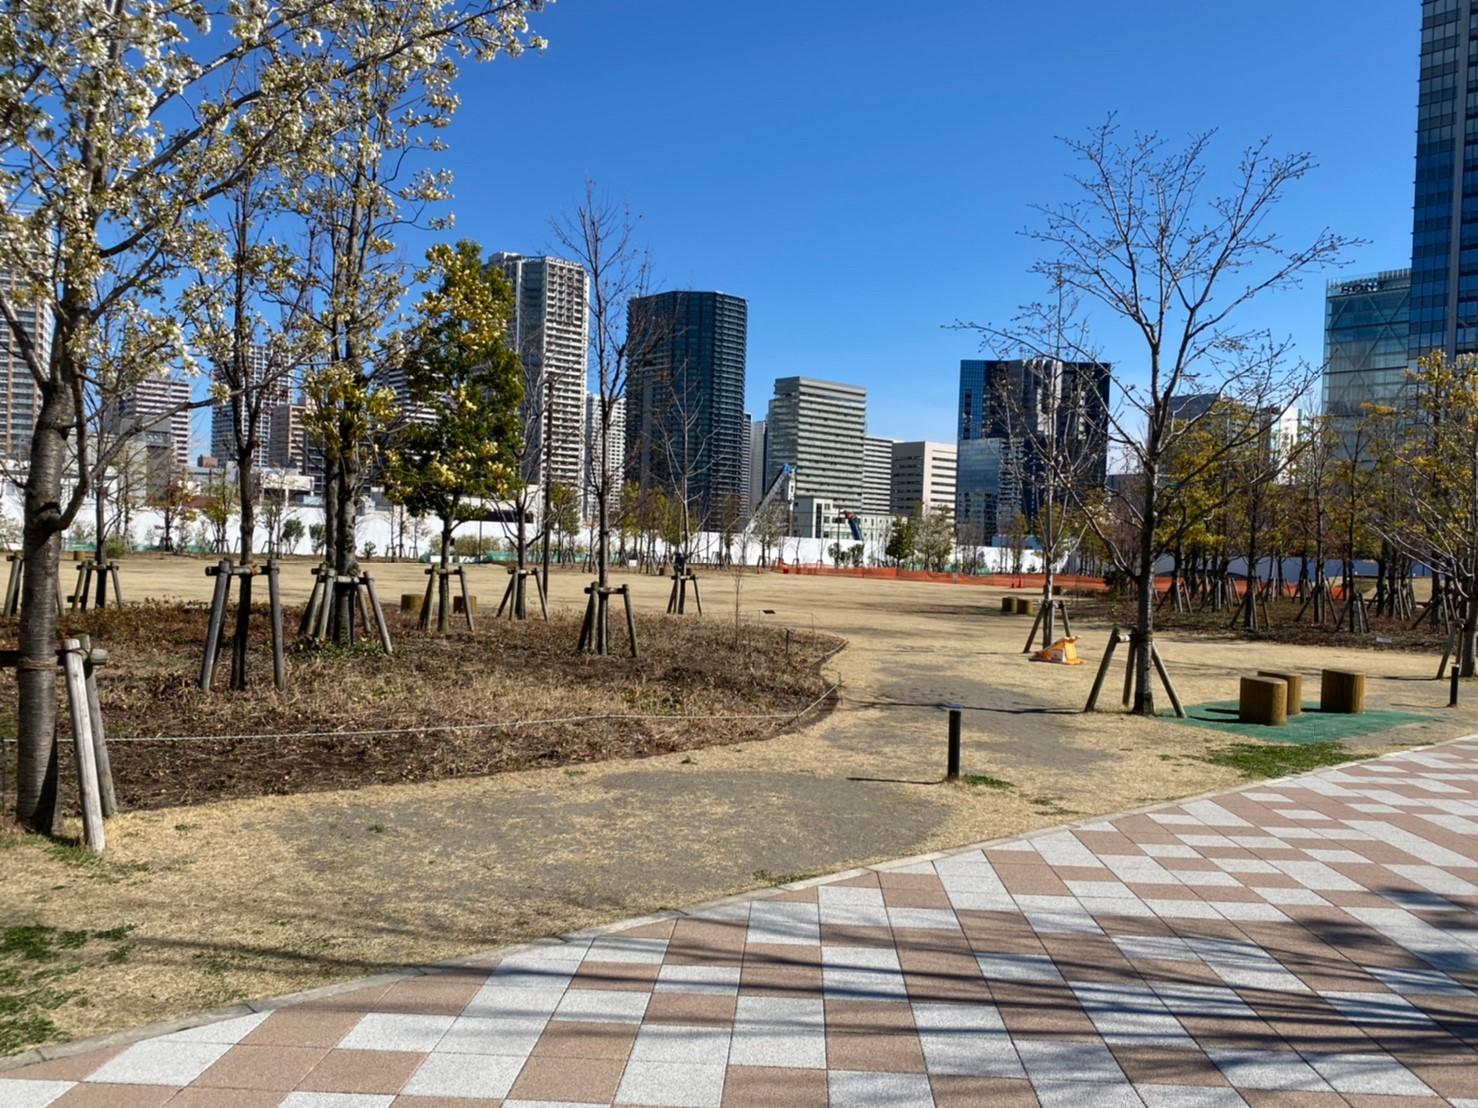 港区立芝浦中央公園